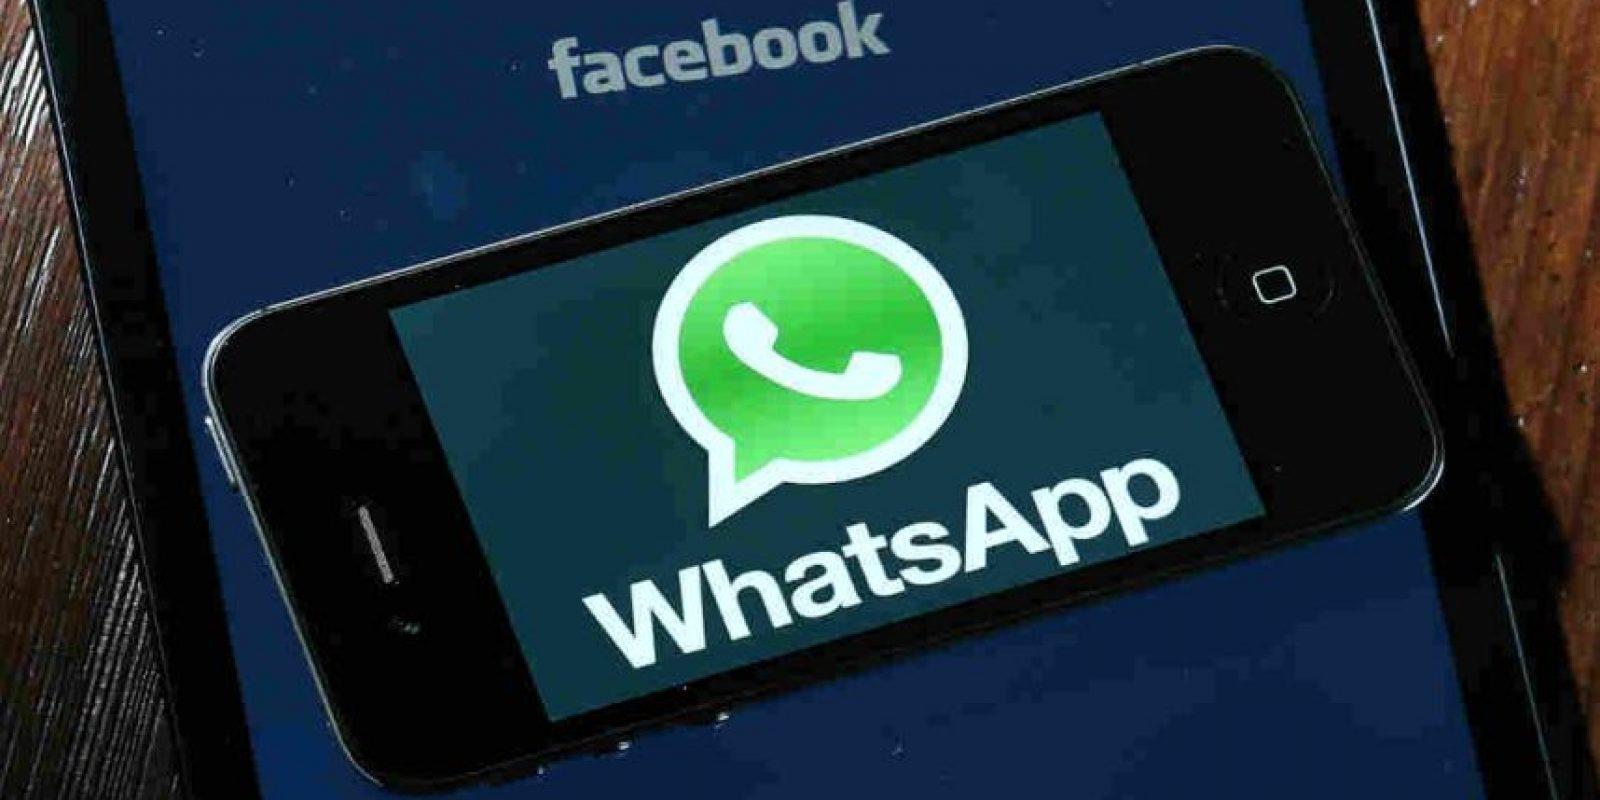 También los códigos QR para agregar contactos sin necesidad de número telefónico. Foto:Getty Images. Imagen Por: